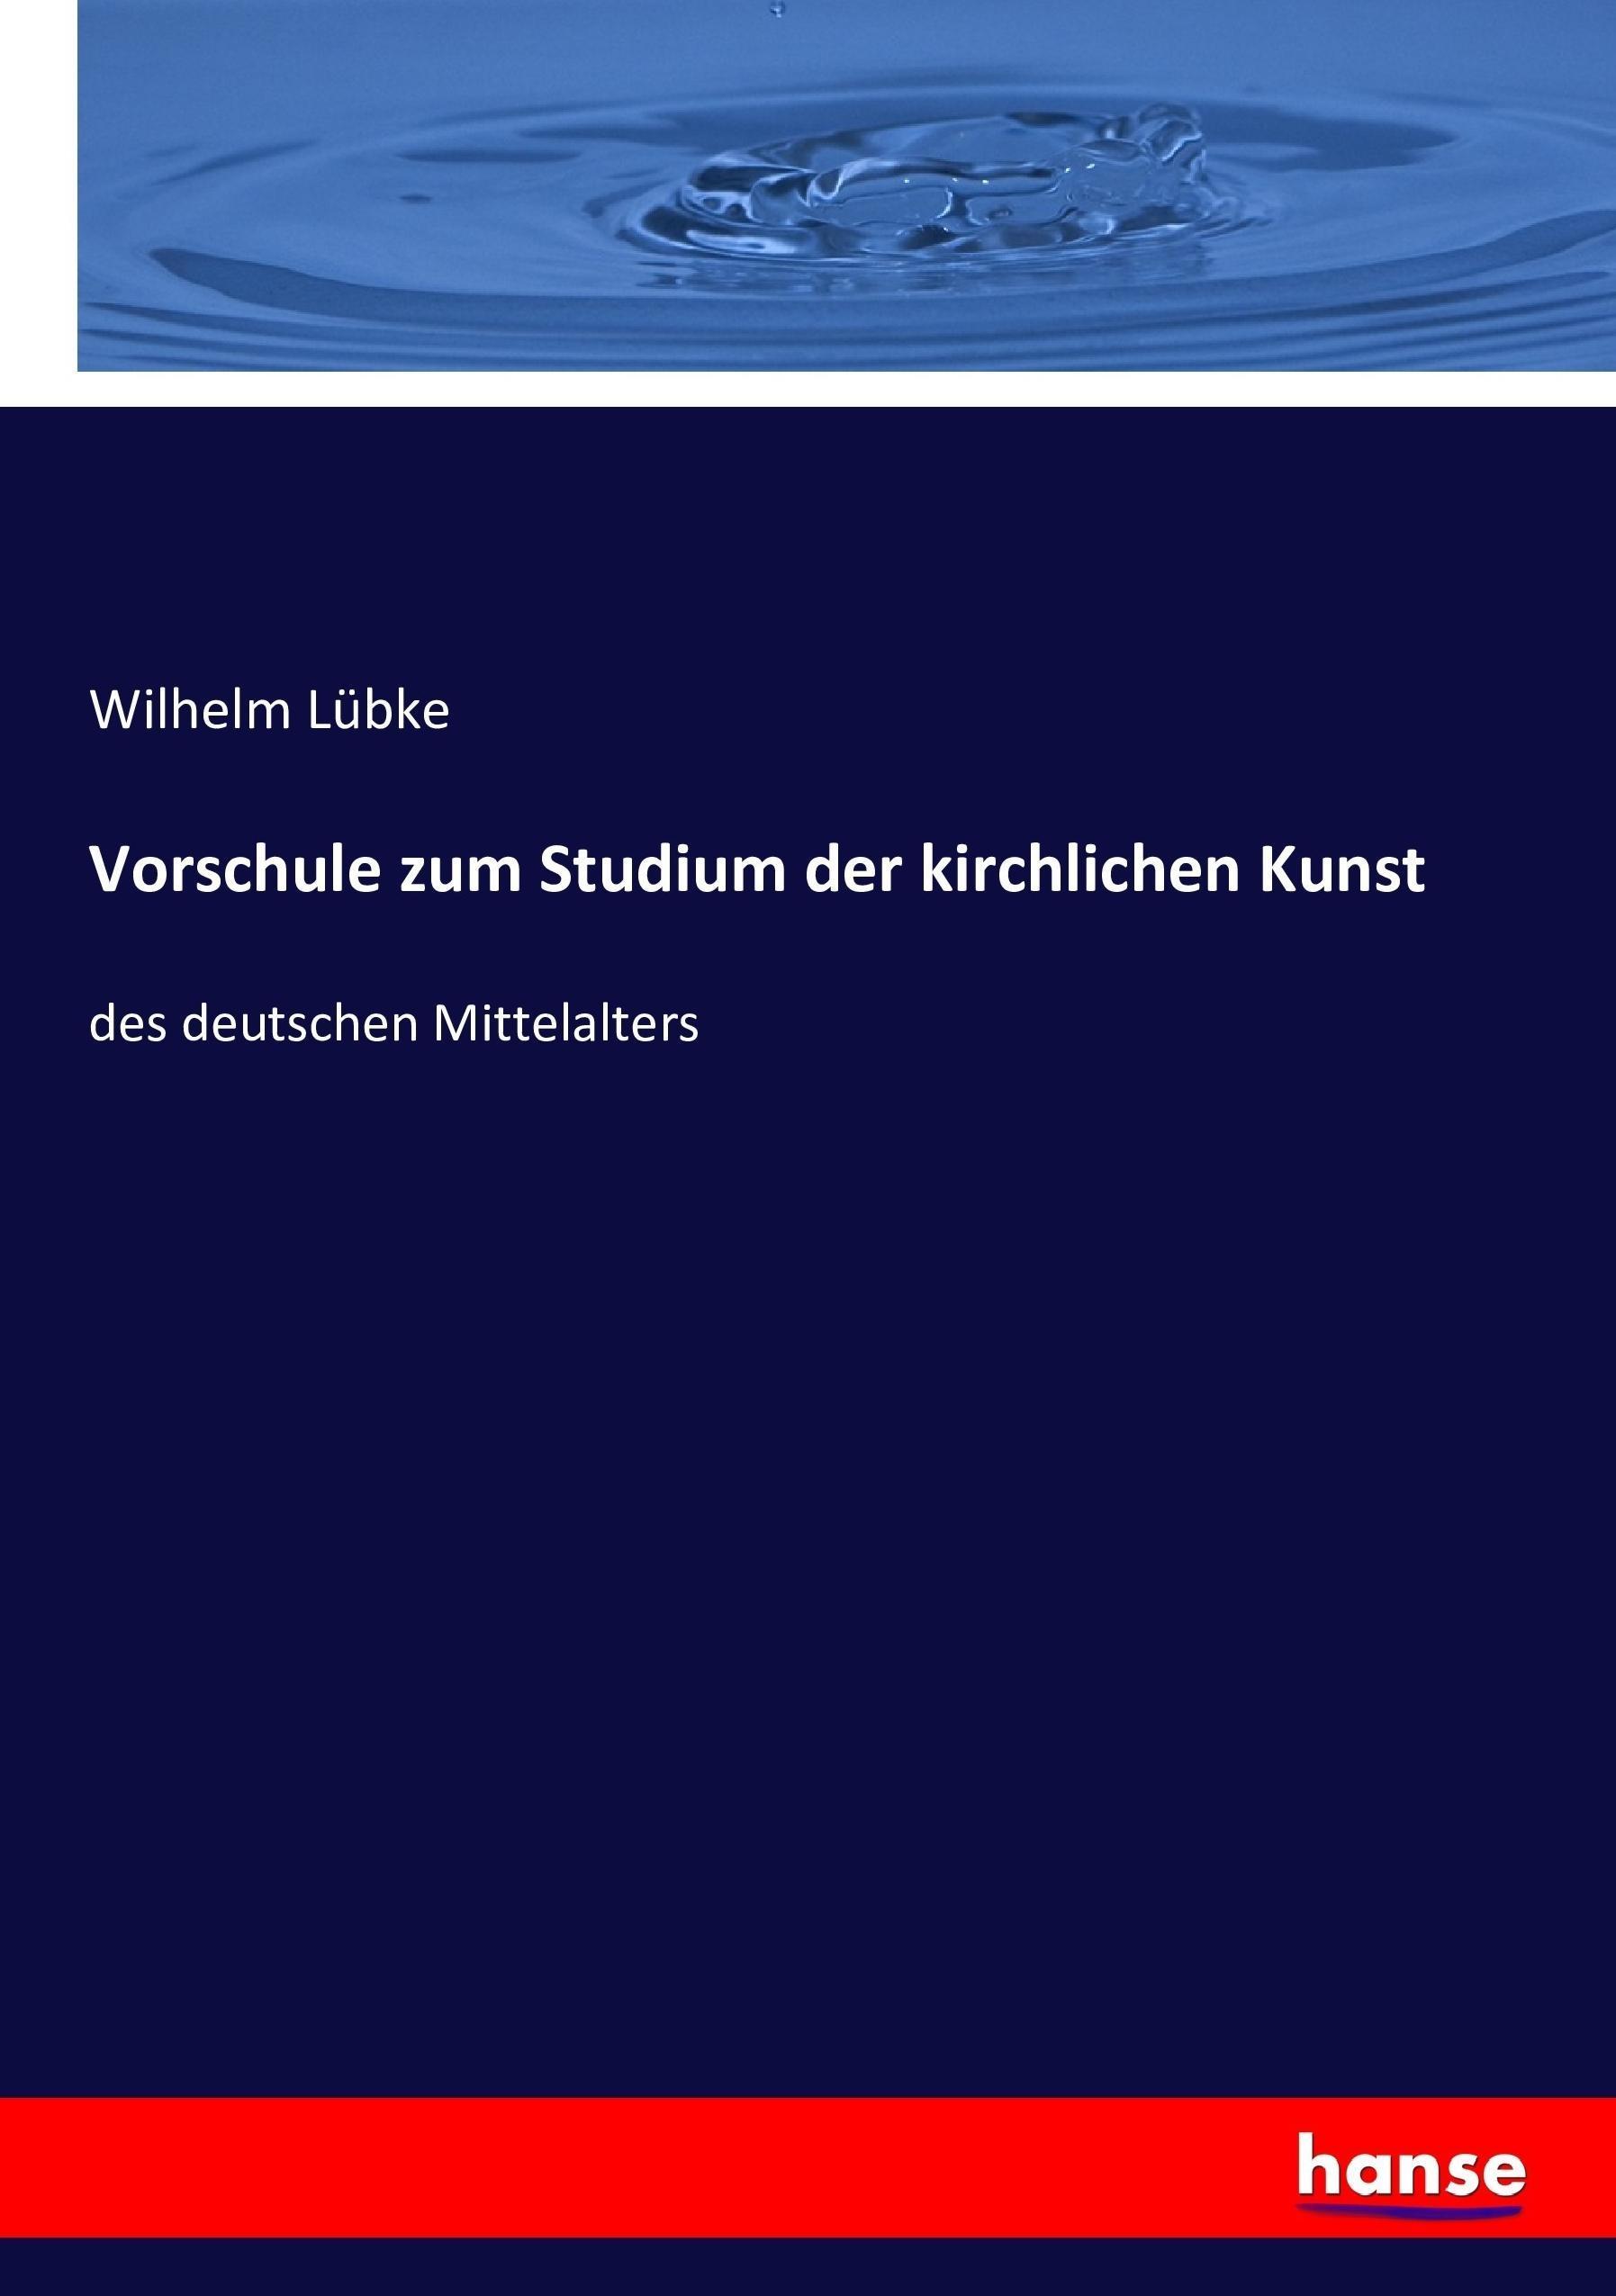 Vorschule zum Studium der kirchlichen Kunst Wilhelm Lübke